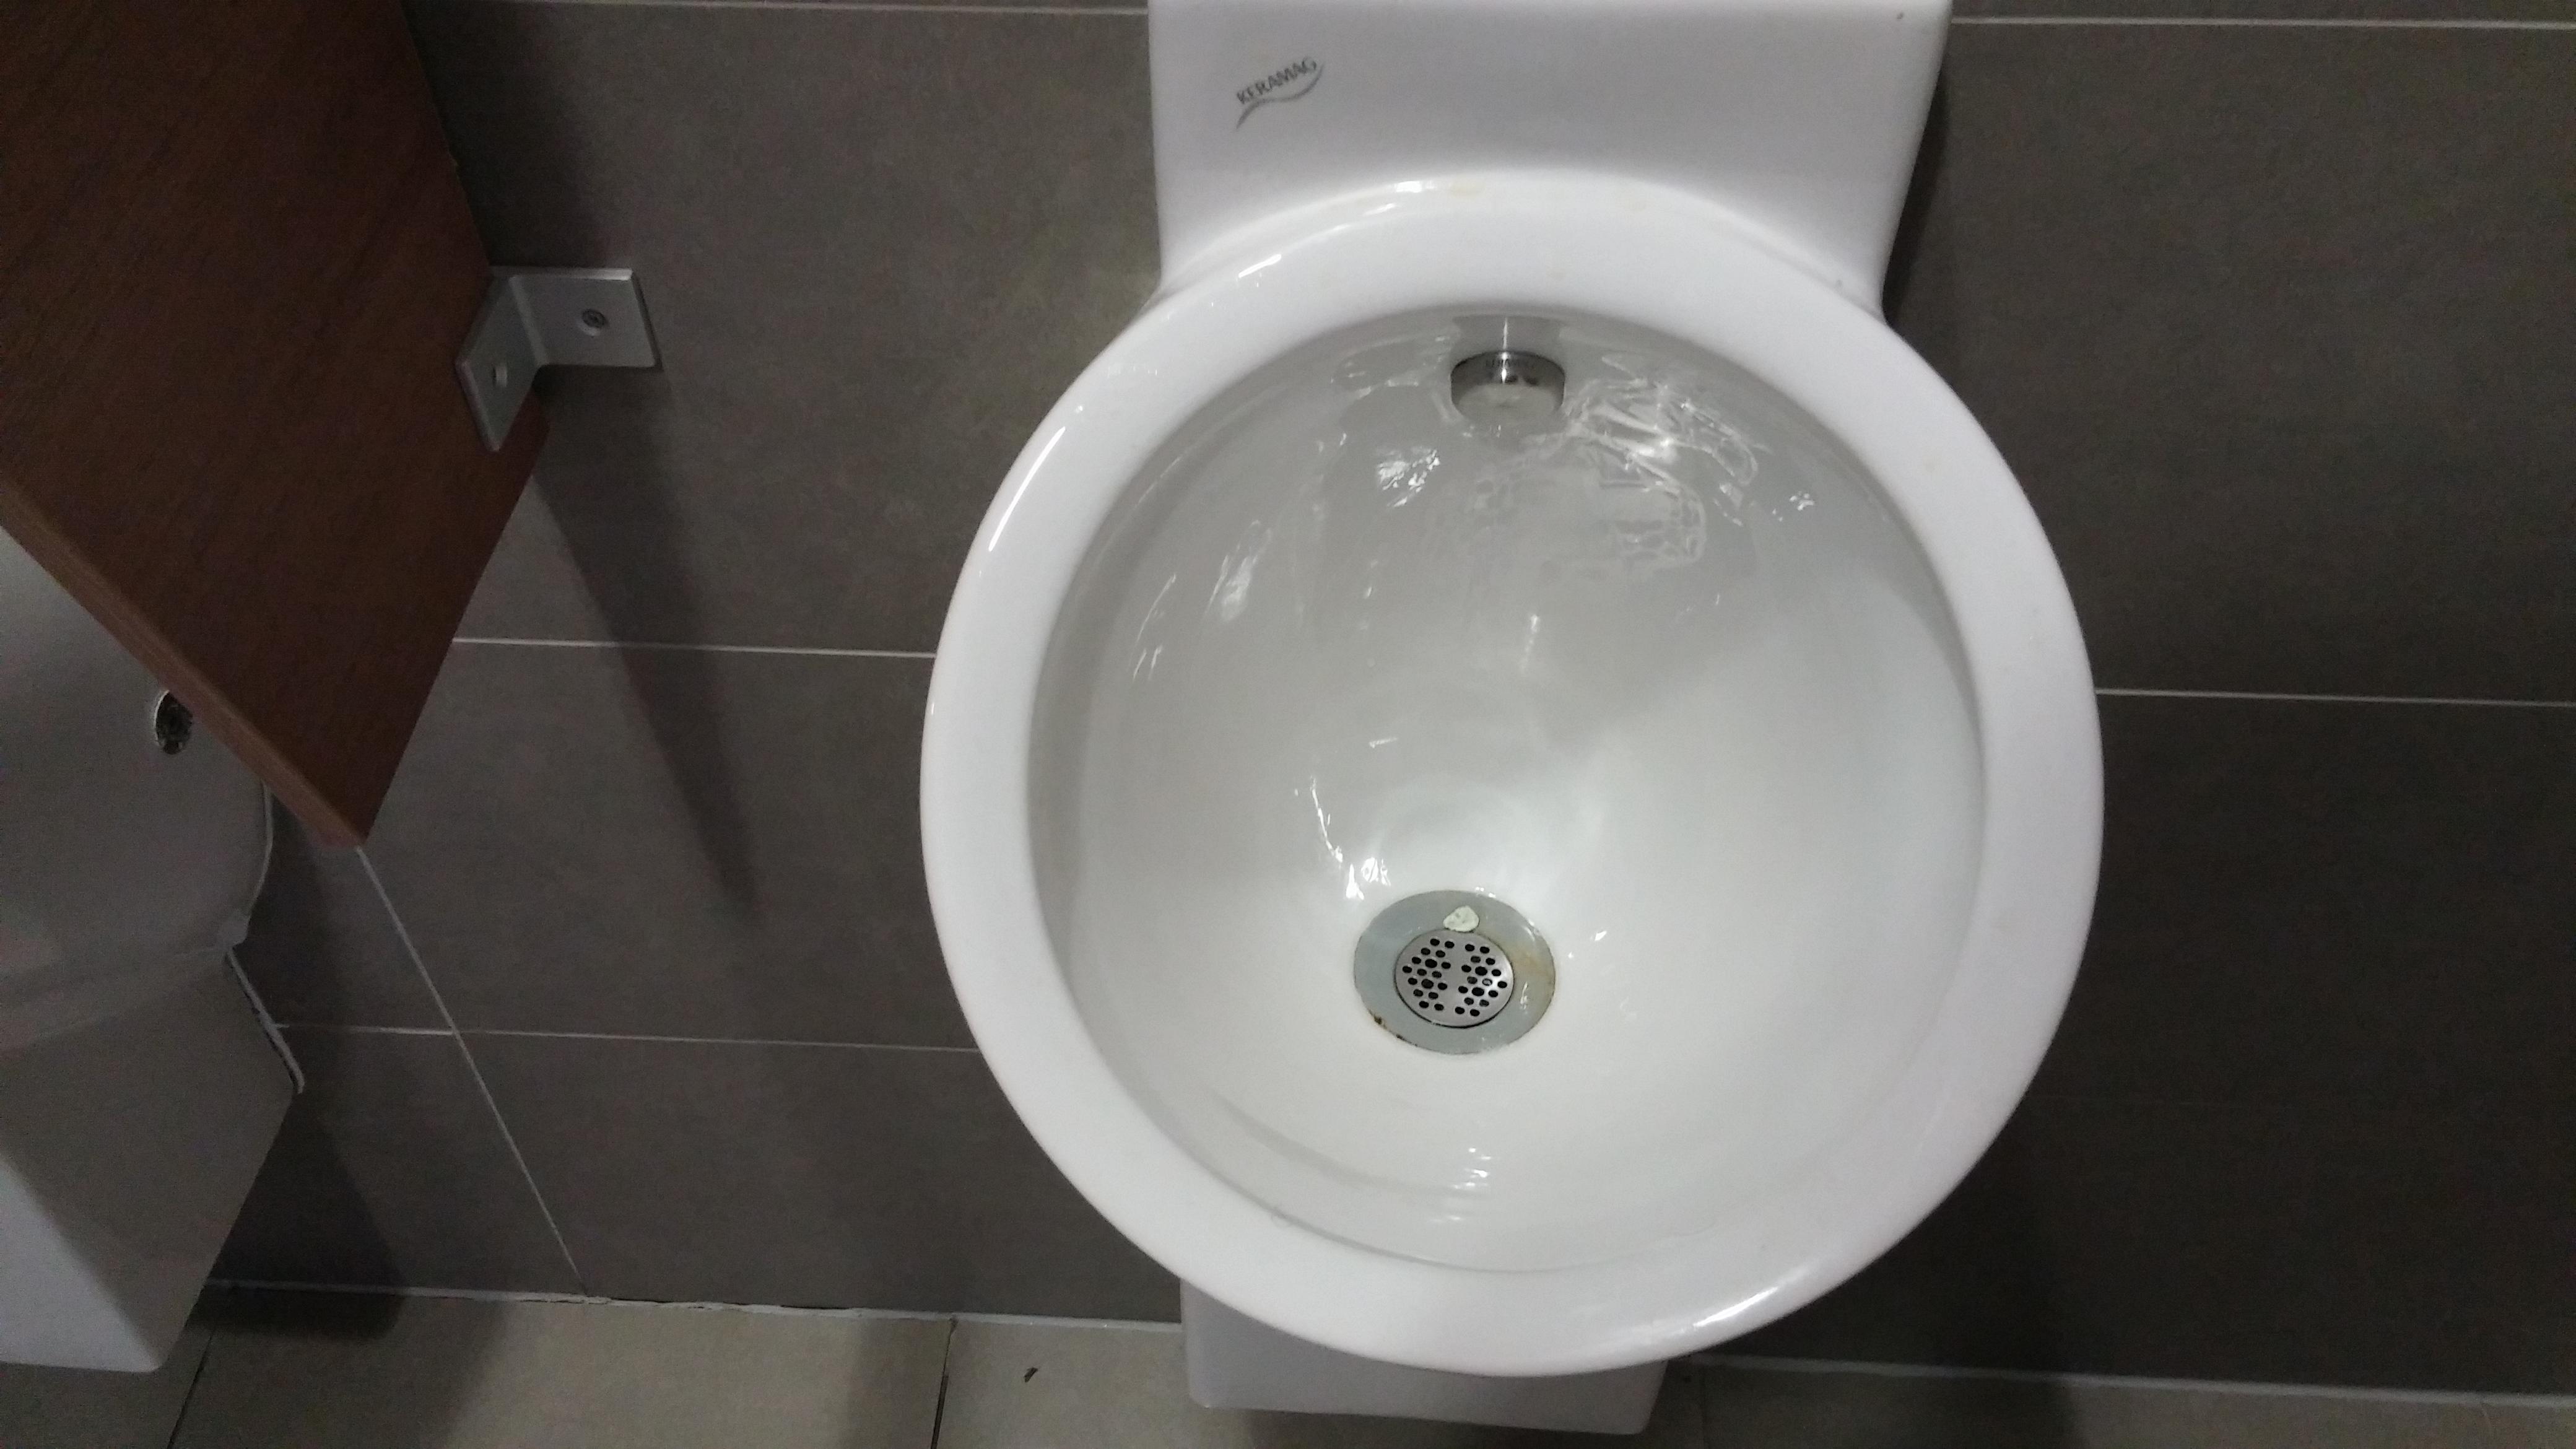 Jesu li toaleti na putu do mora čisti ili prljavi? Provjerili smo na licu mje...